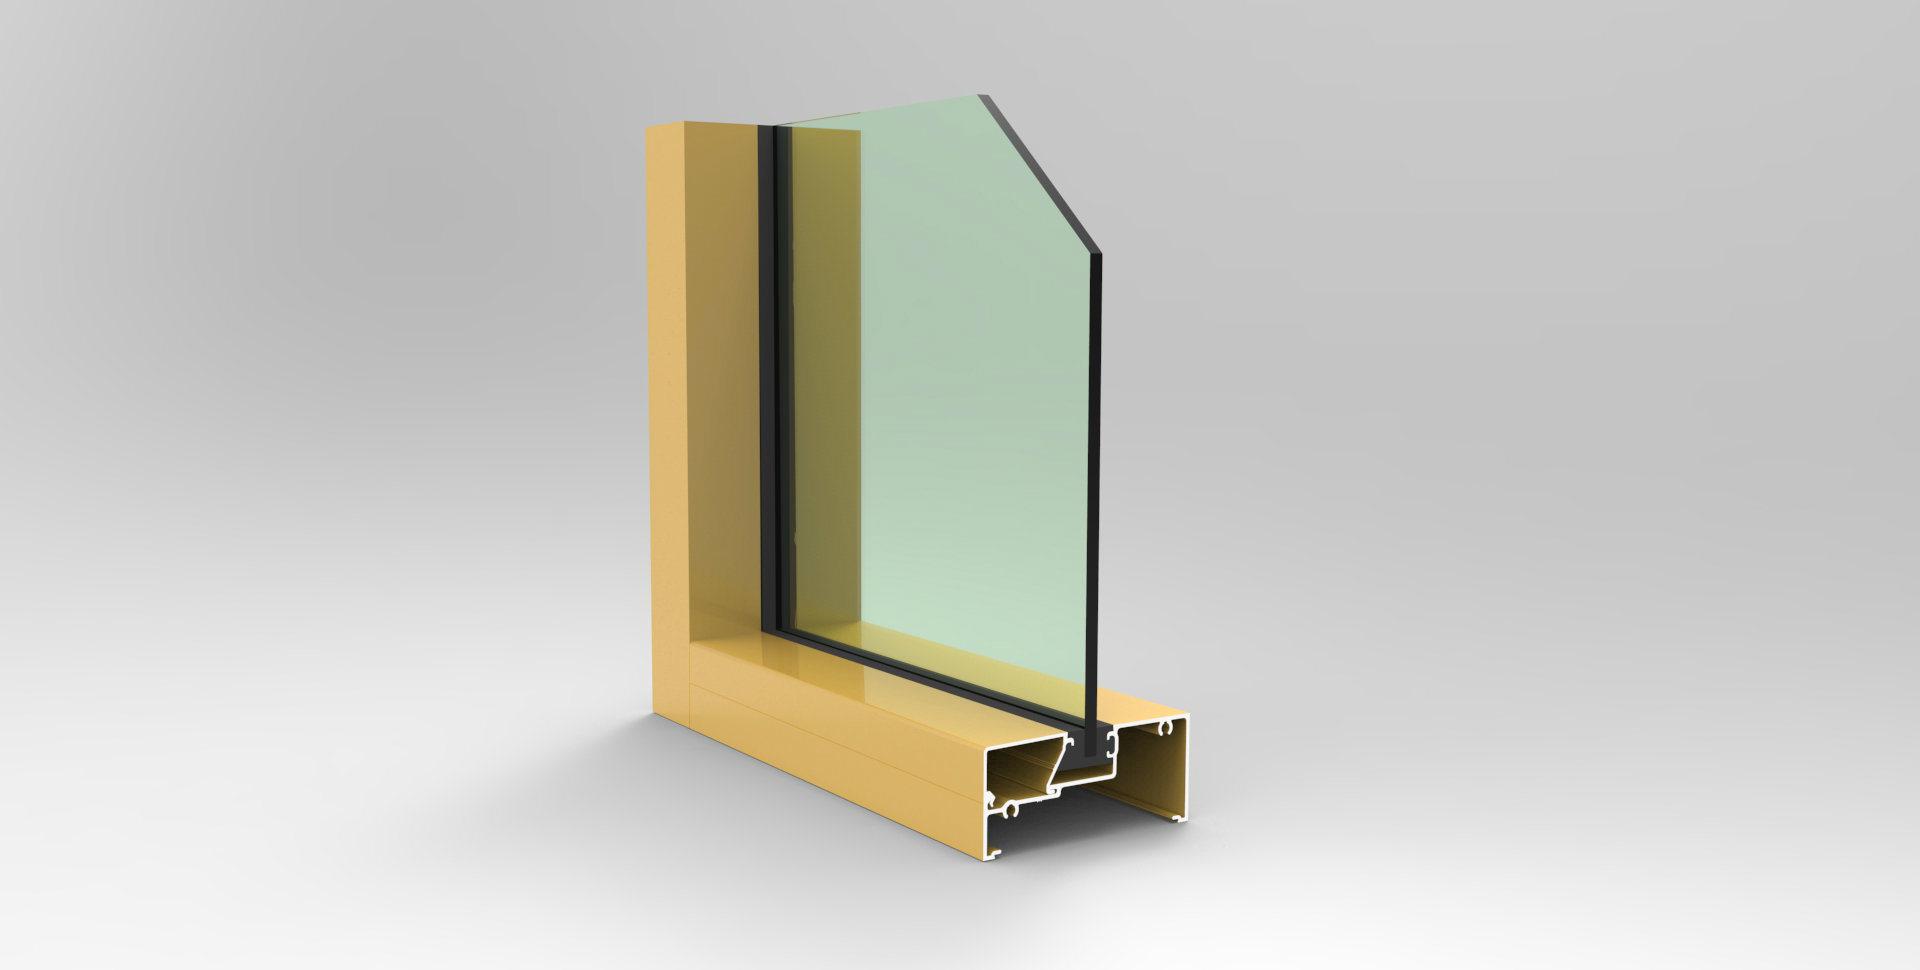 OEM Aluminium/Aluminum Extrusion Profile for Windows, Doors and Curtain Walls